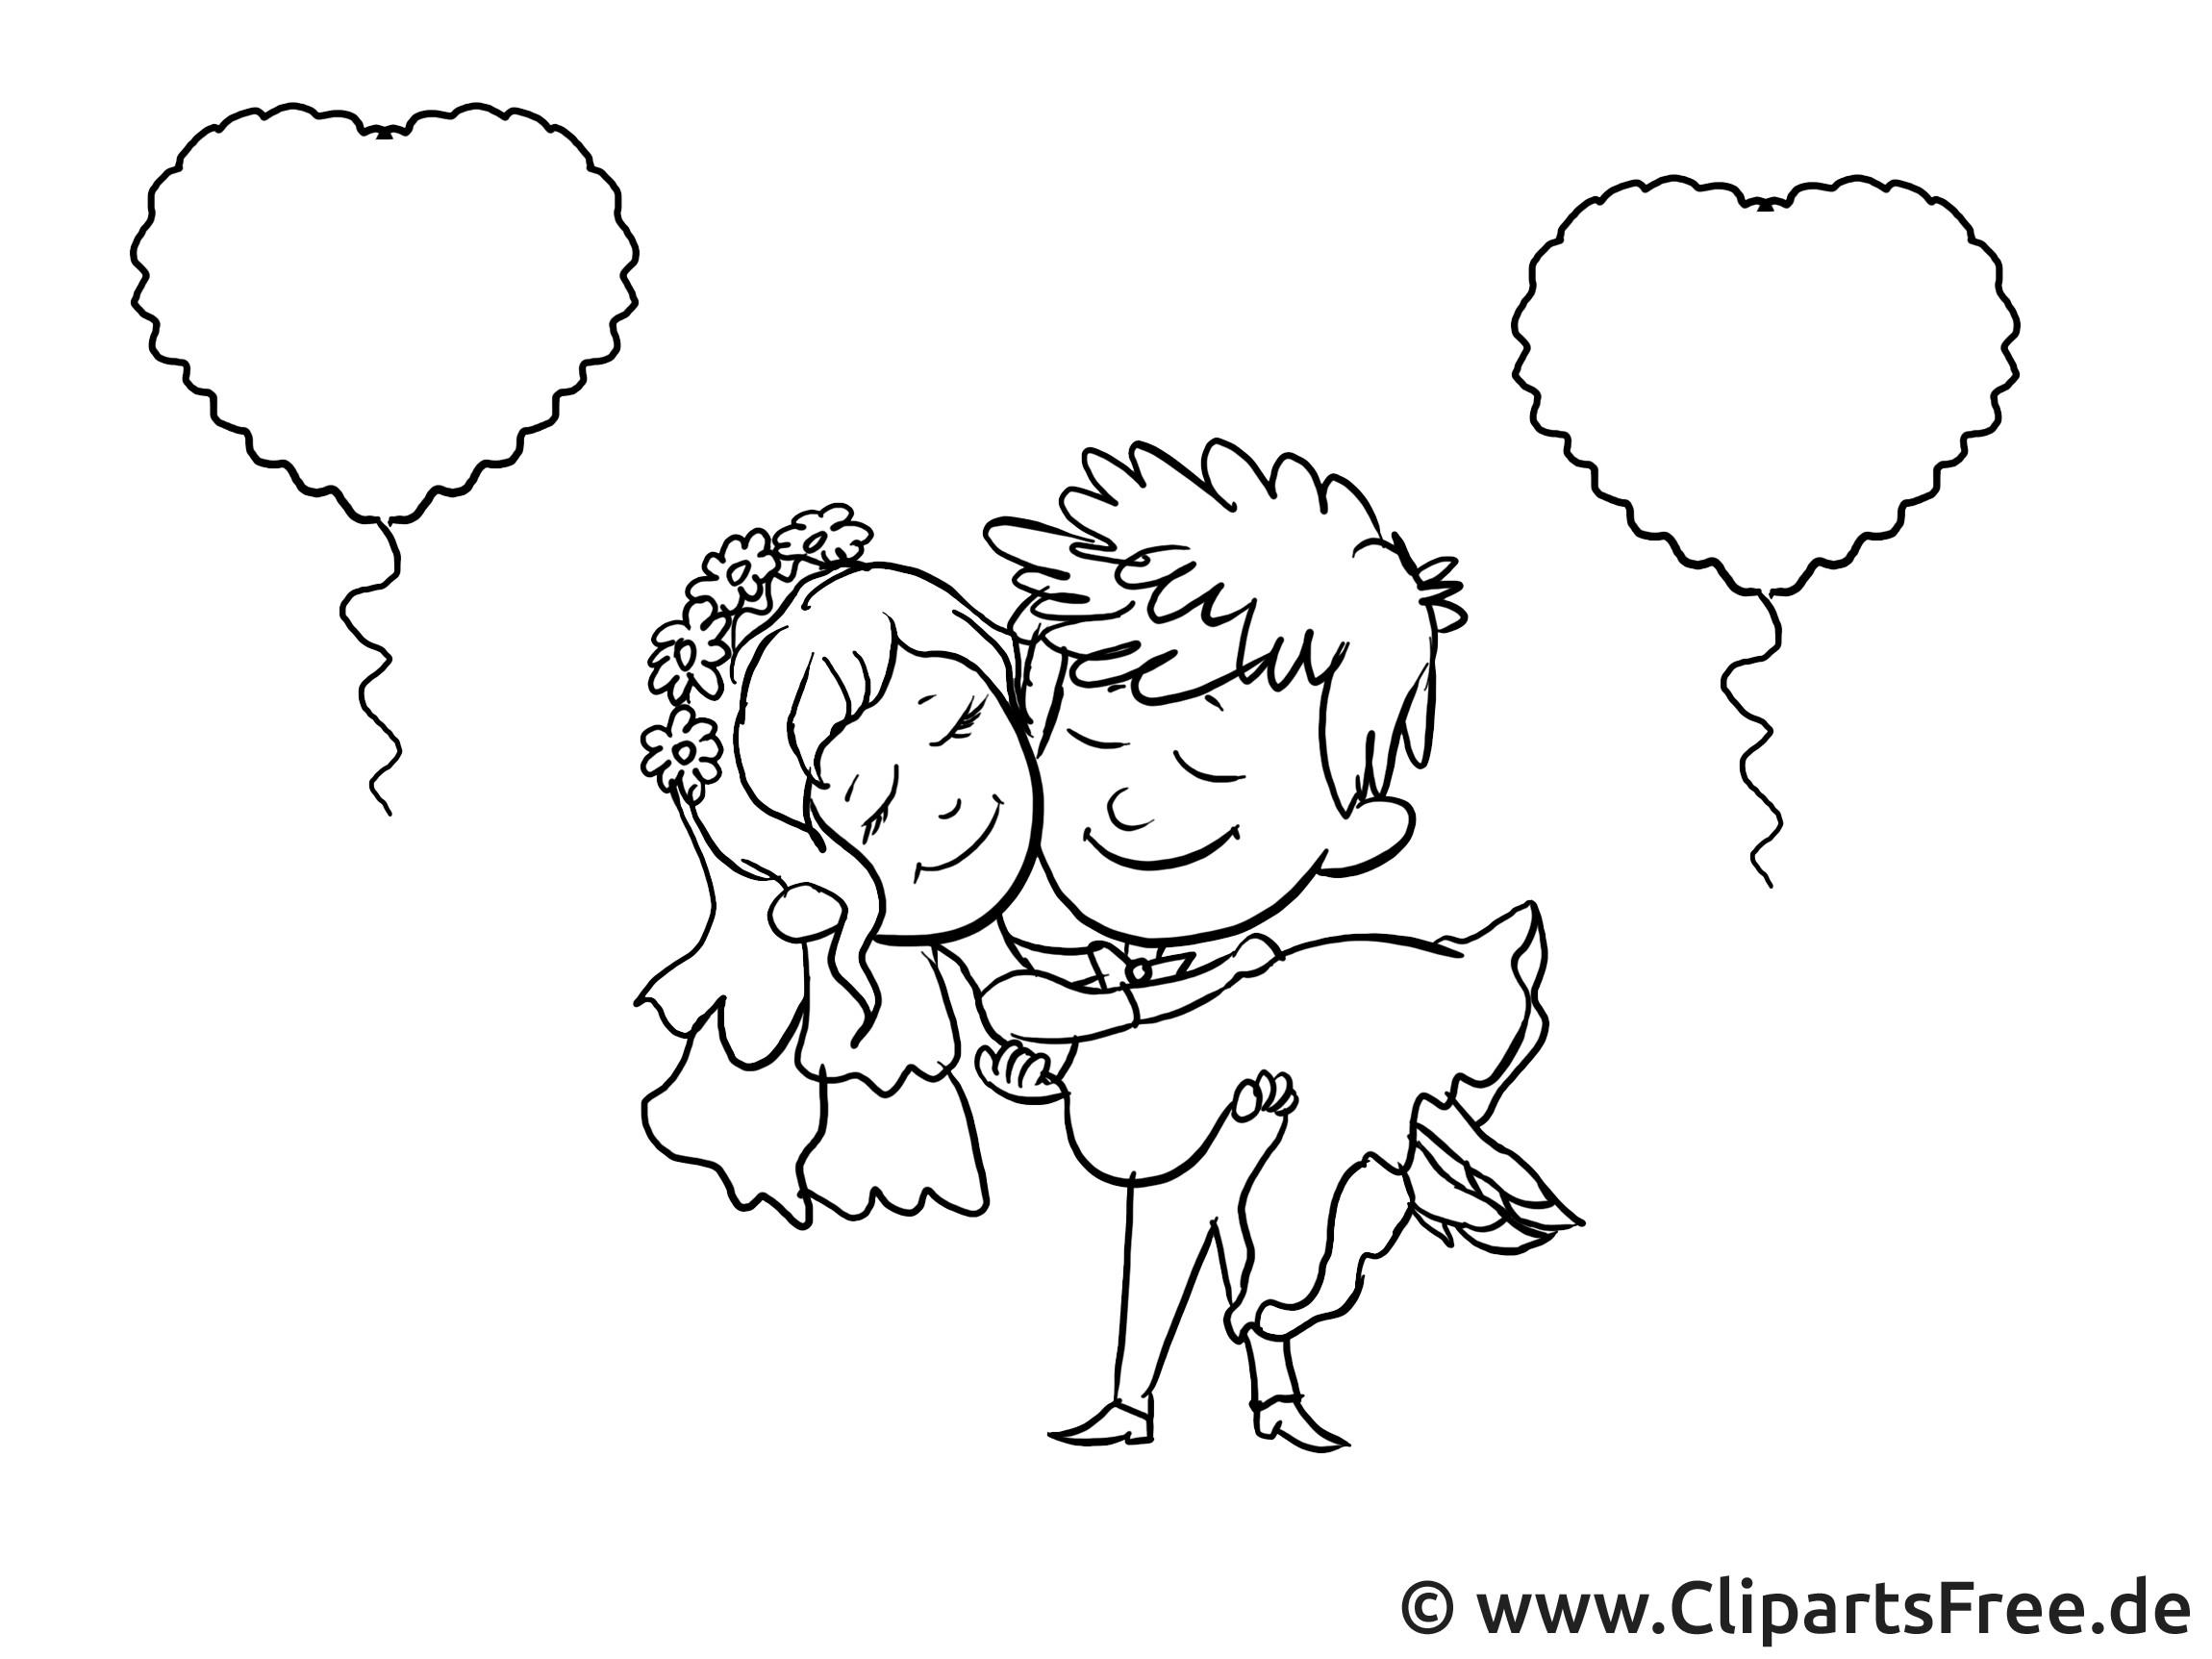 Cliparts Hochzeit Kostenlos Herunterladen  Hochzeit Bild Grafik Clipart schwarz weiss